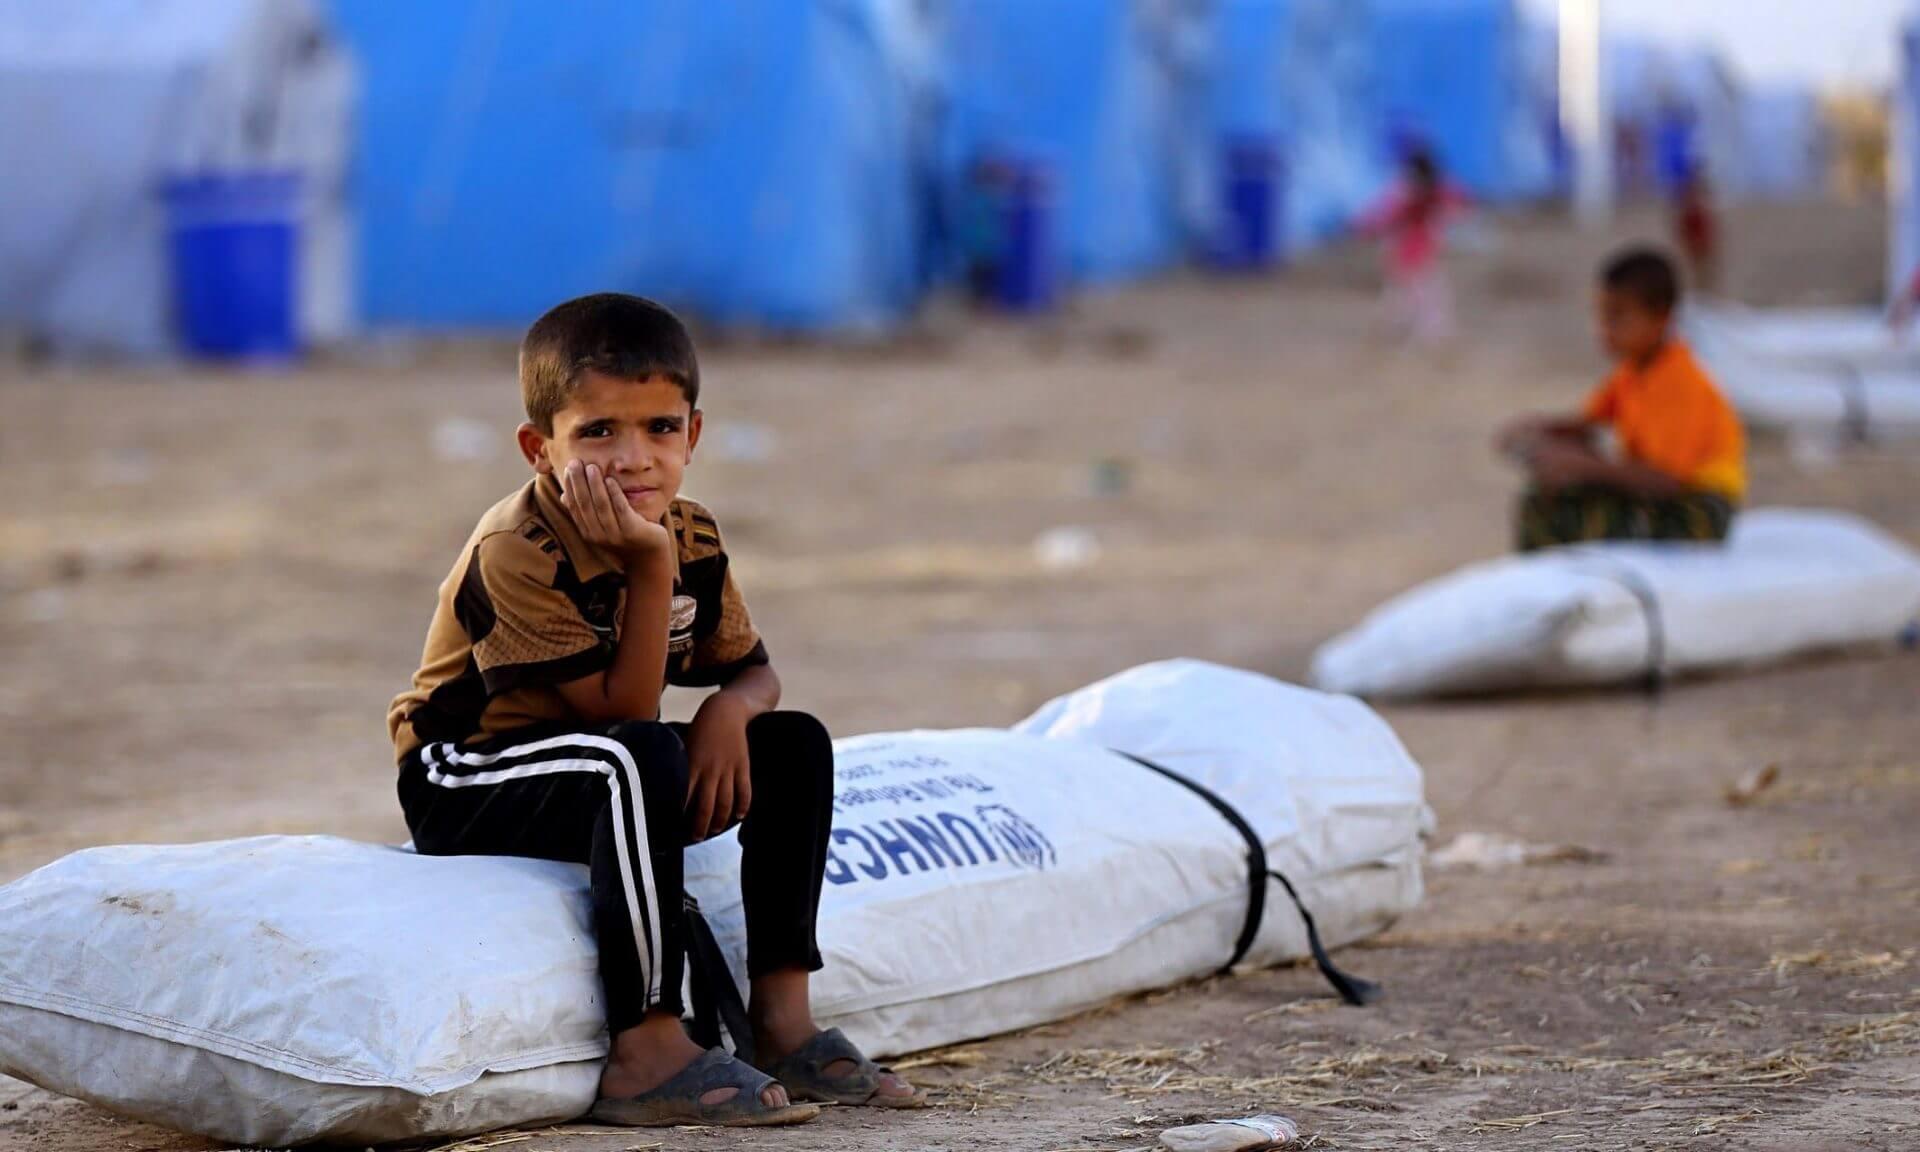 Iraqi refugee